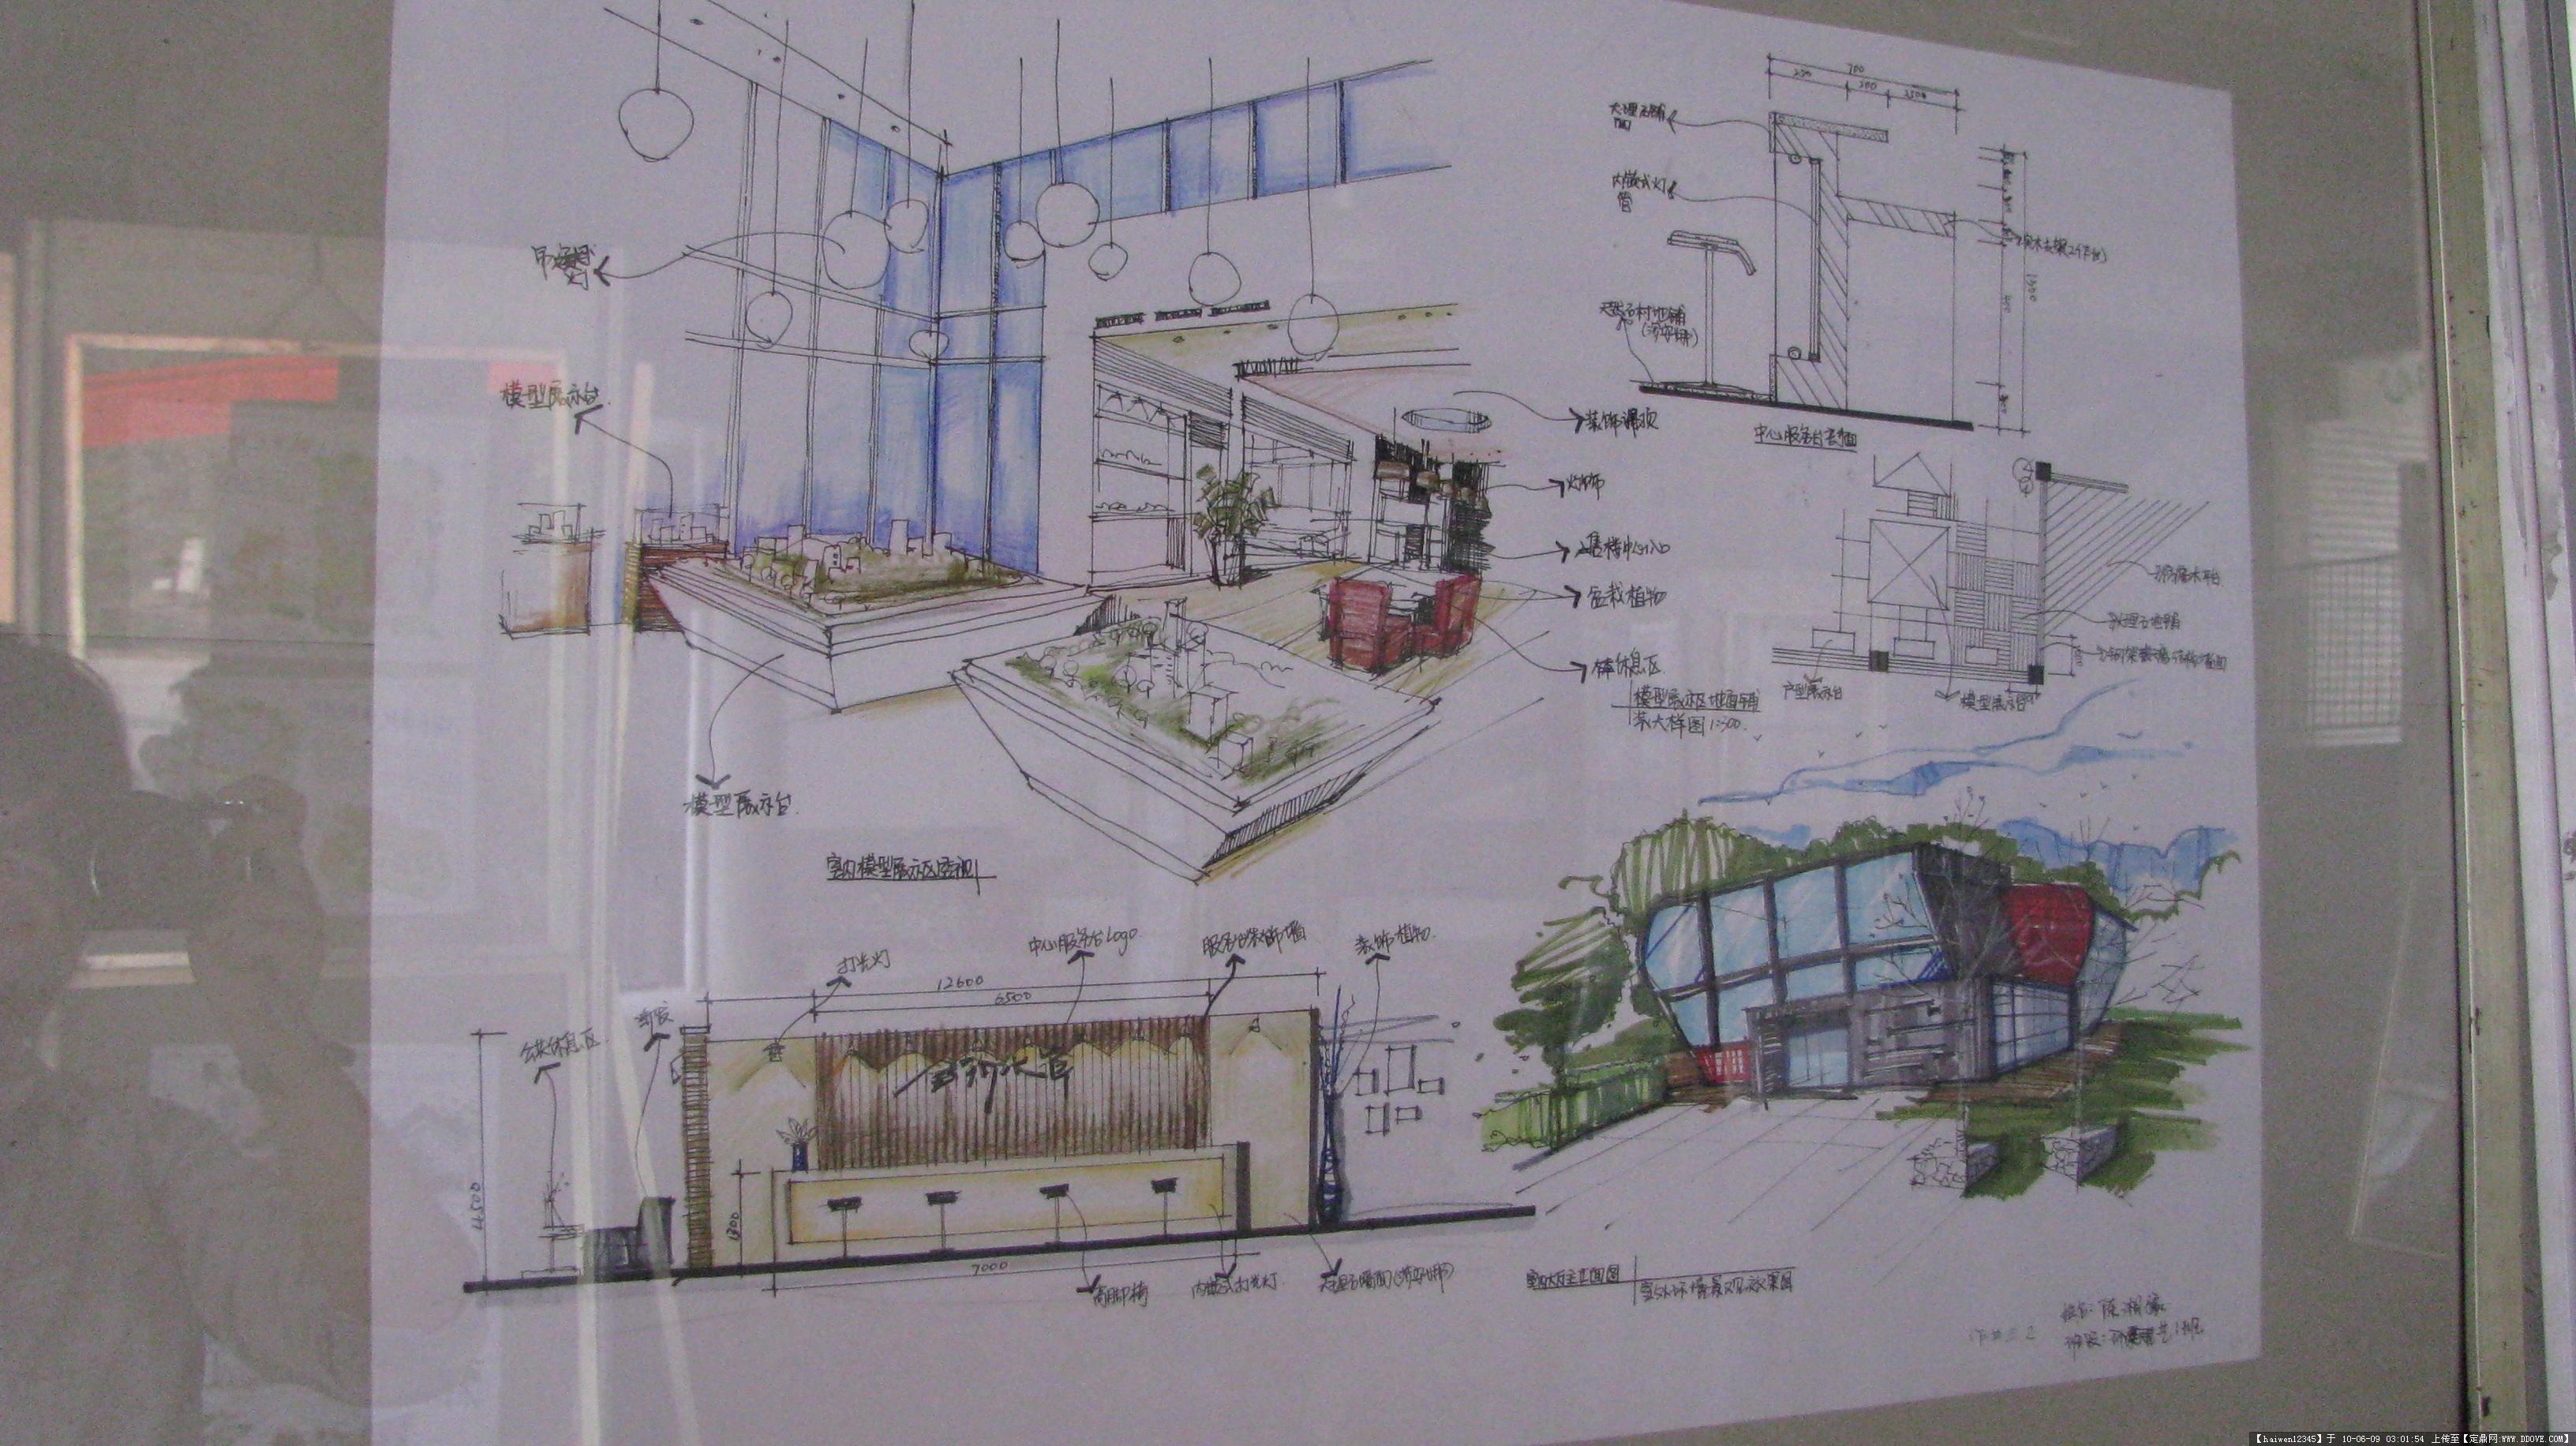 快题设计-休憩广场-超大图